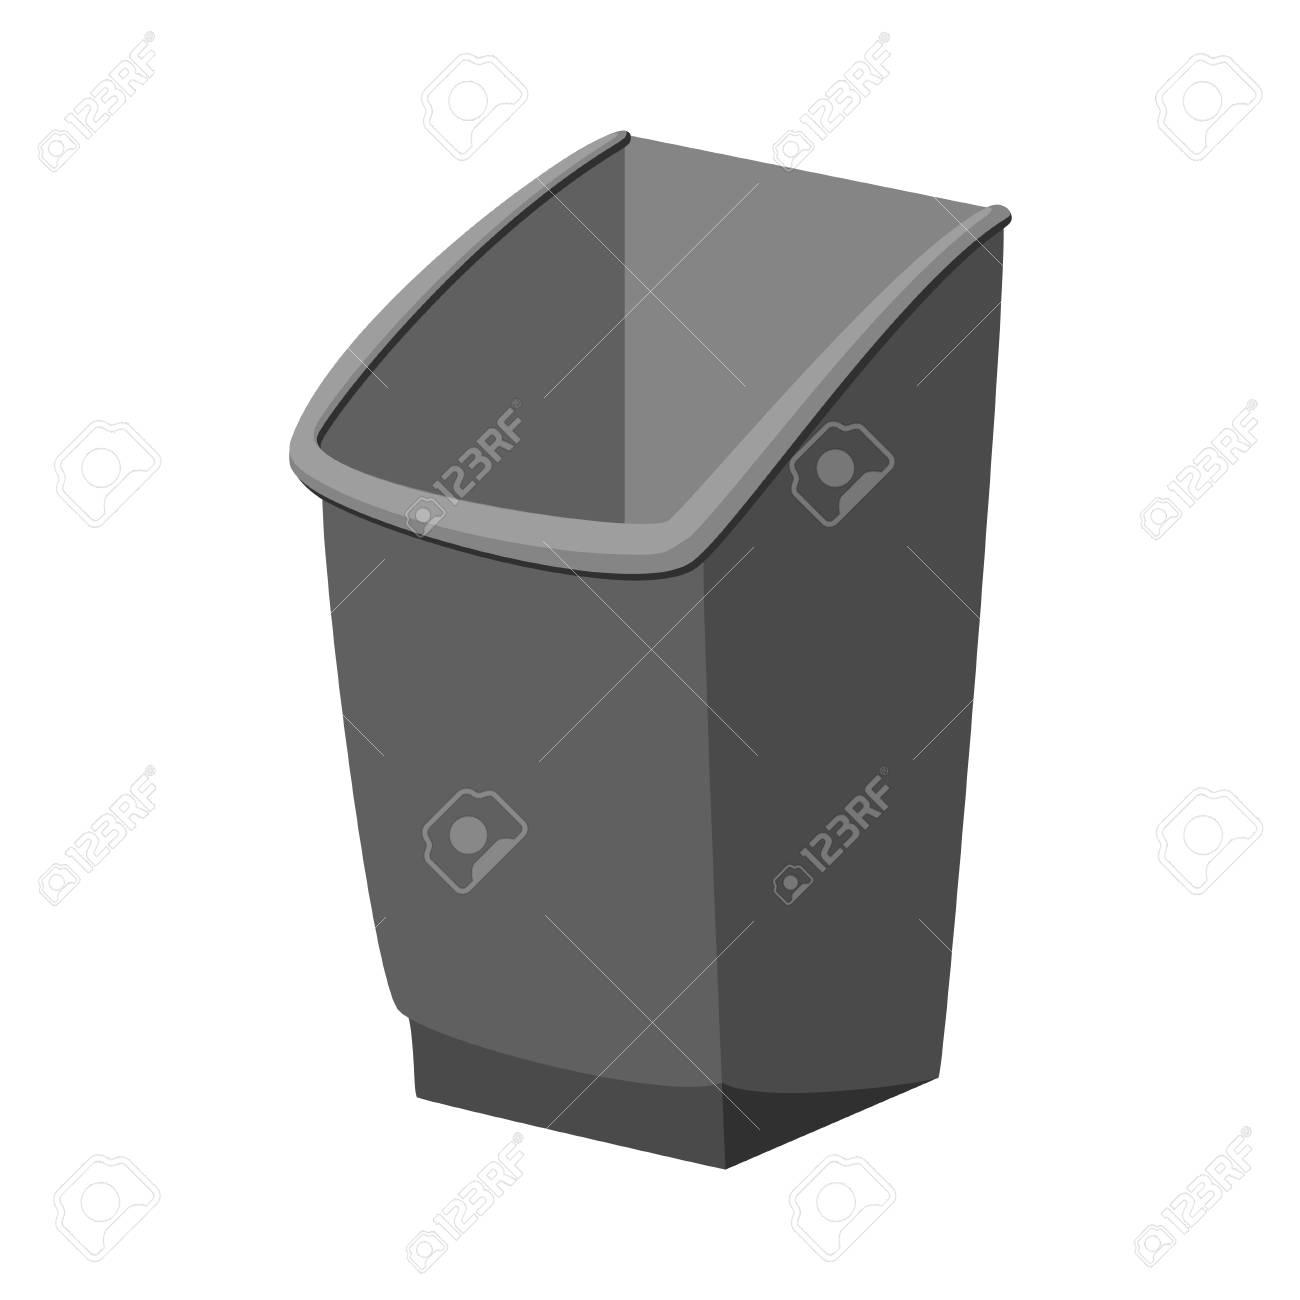 Cartoon grey trash bin. Kitchen garbage container. Waste disposal..